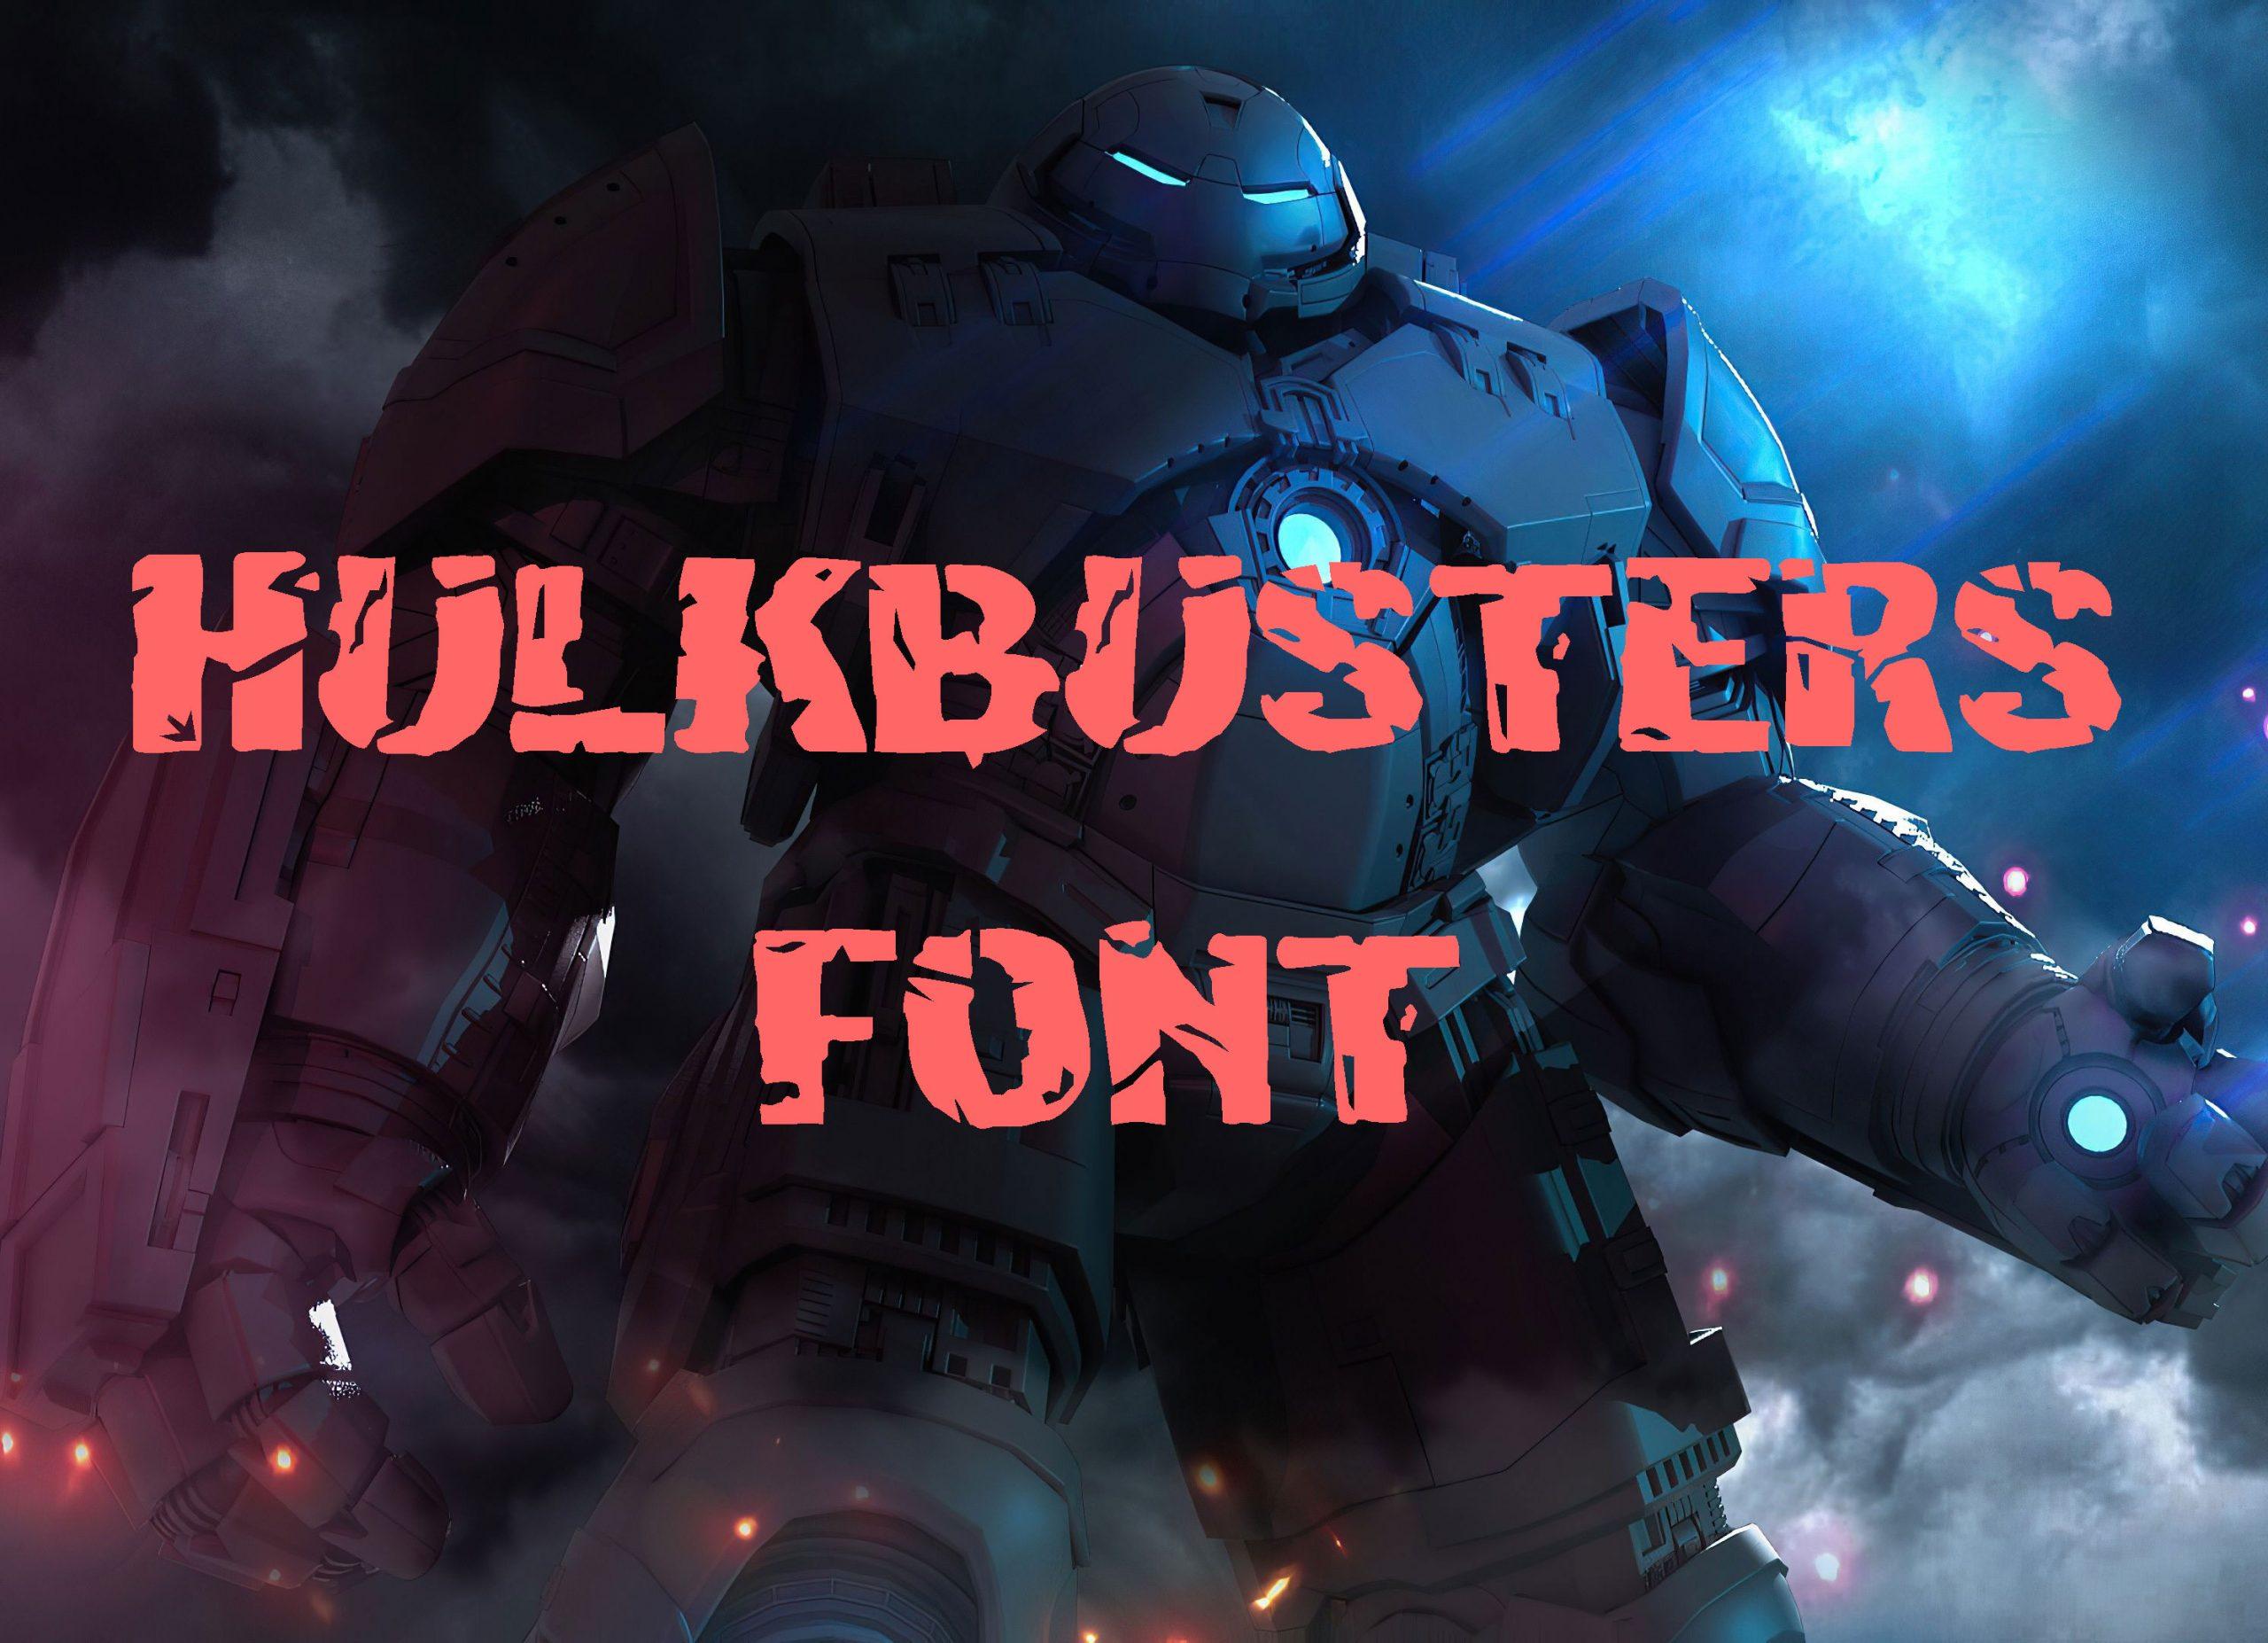 Hulkbusters Fancy Font -1